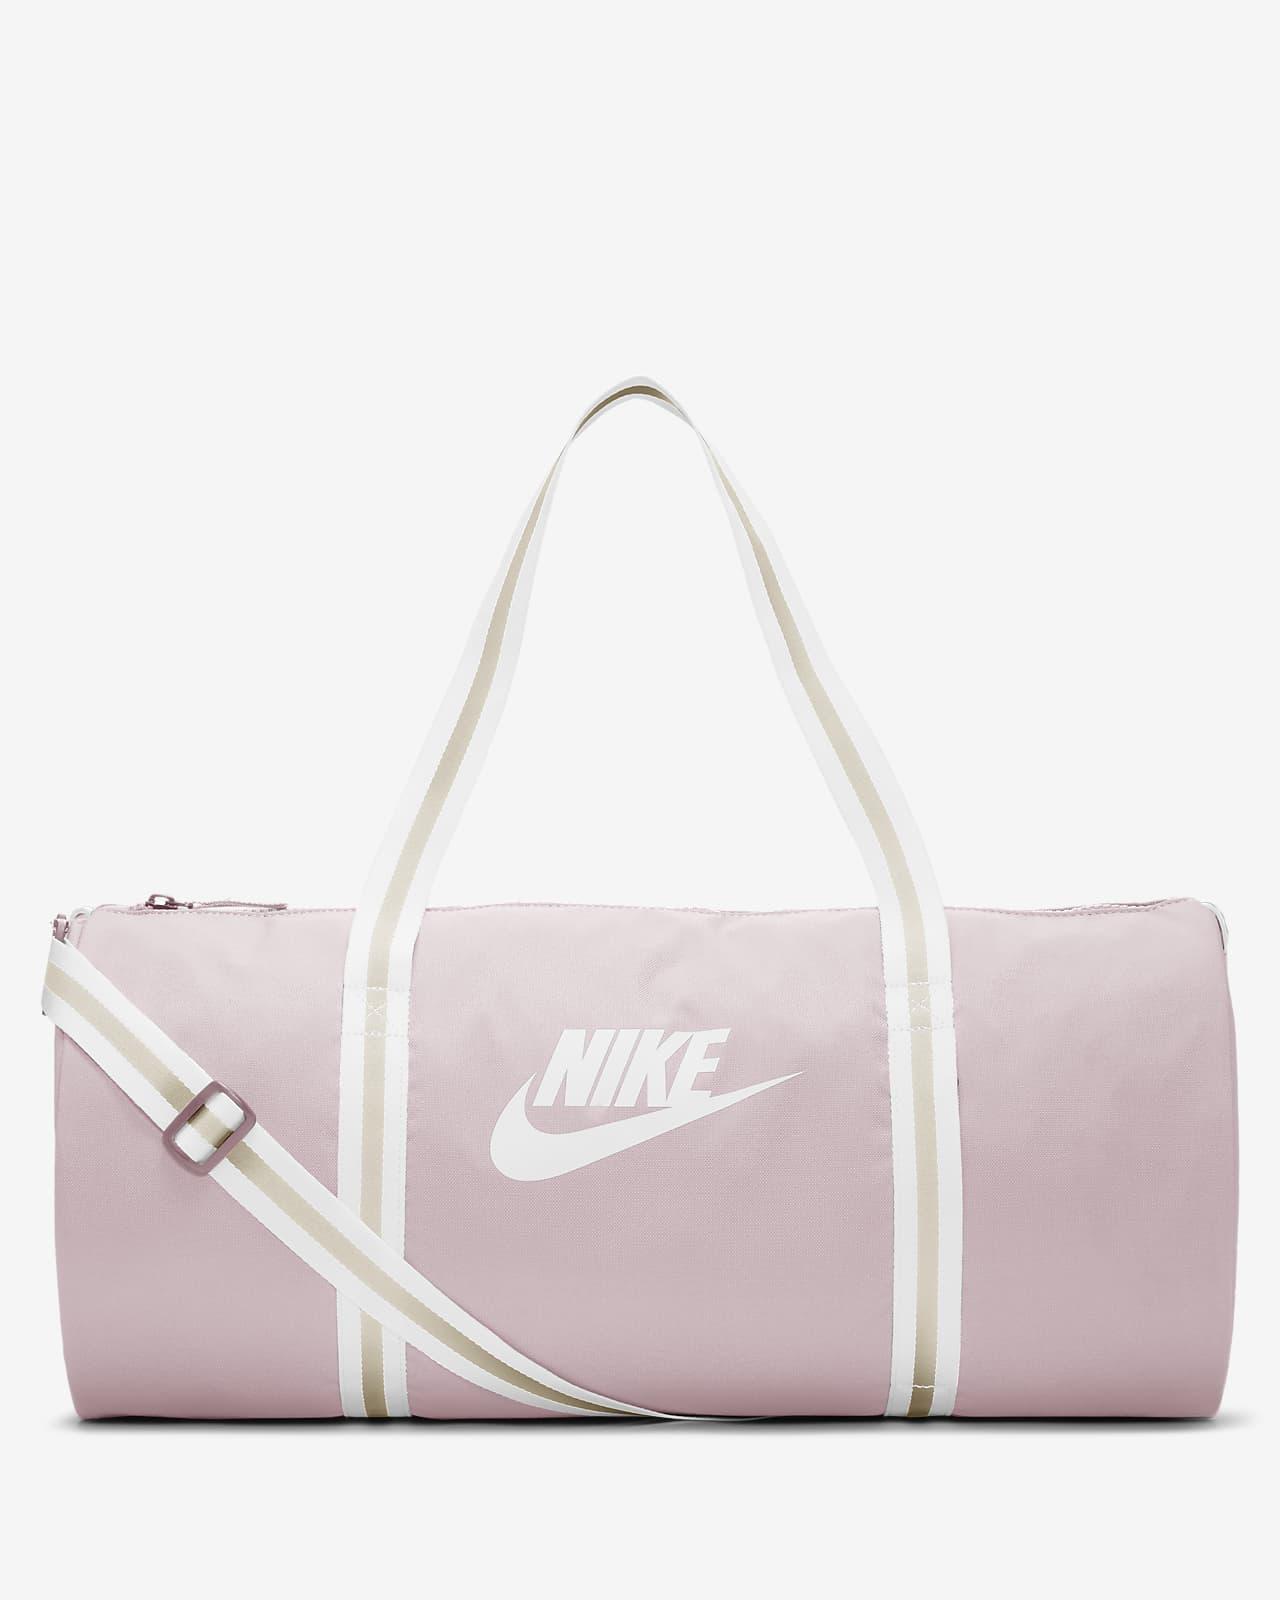 Τσάντα γυμναστηρίου Nike Heritage